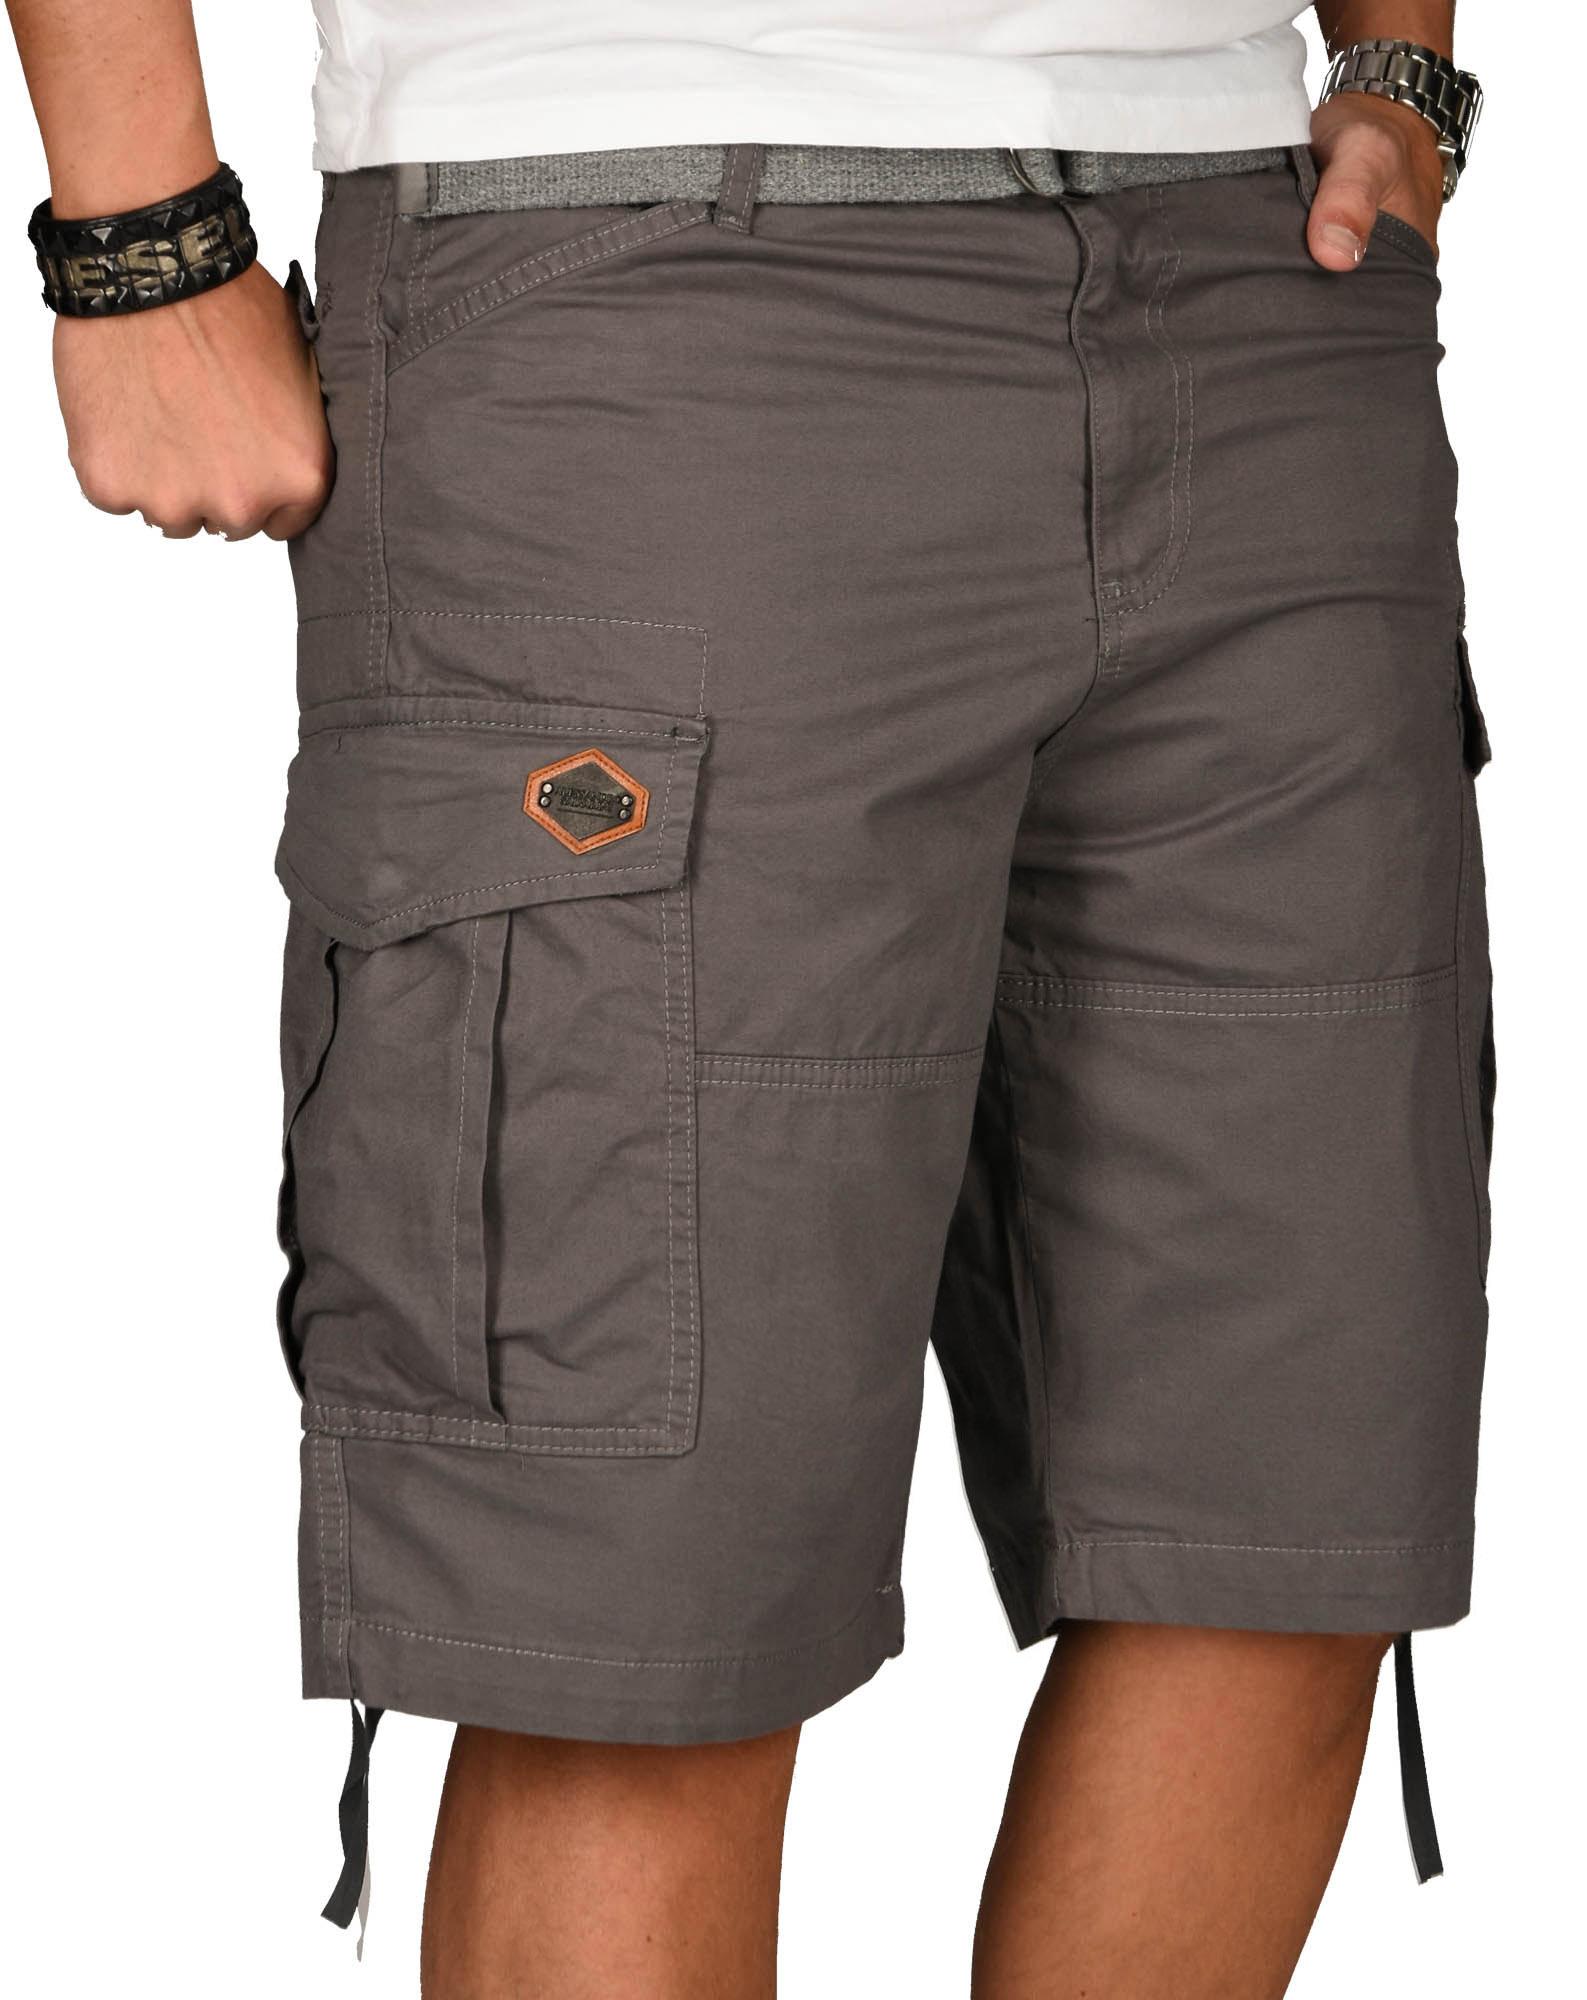 A-Salvarini-Herren-Comfort-Cargo-Shorts-Cargoshorts-kurze-Hose-Guertel-AS133-NEU Indexbild 11